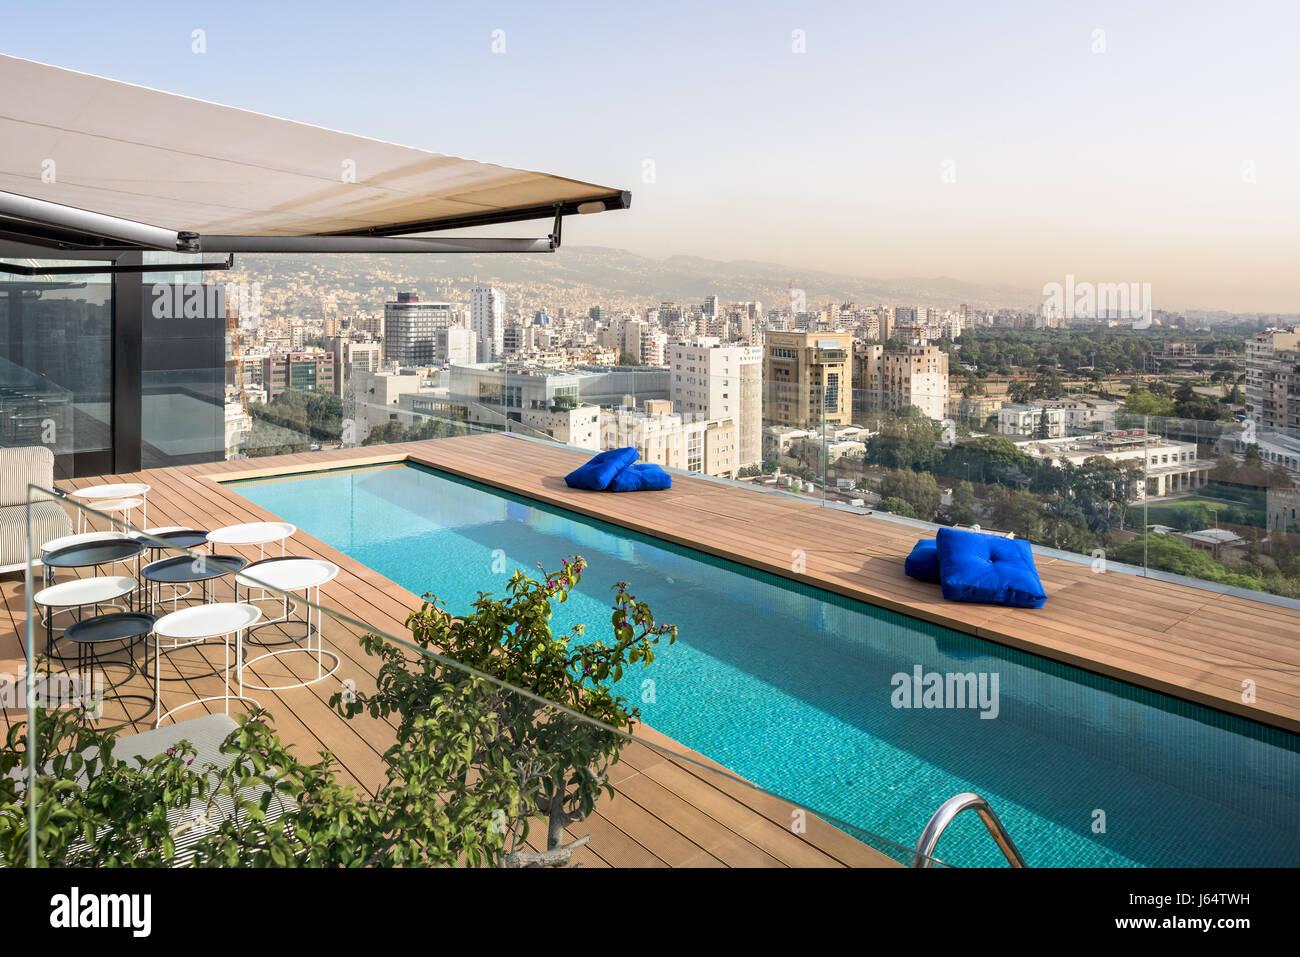 Piscina Sul Tetto.Piscina Sul Tetto Con Vedute Di Beirut Foto Immagine Stock